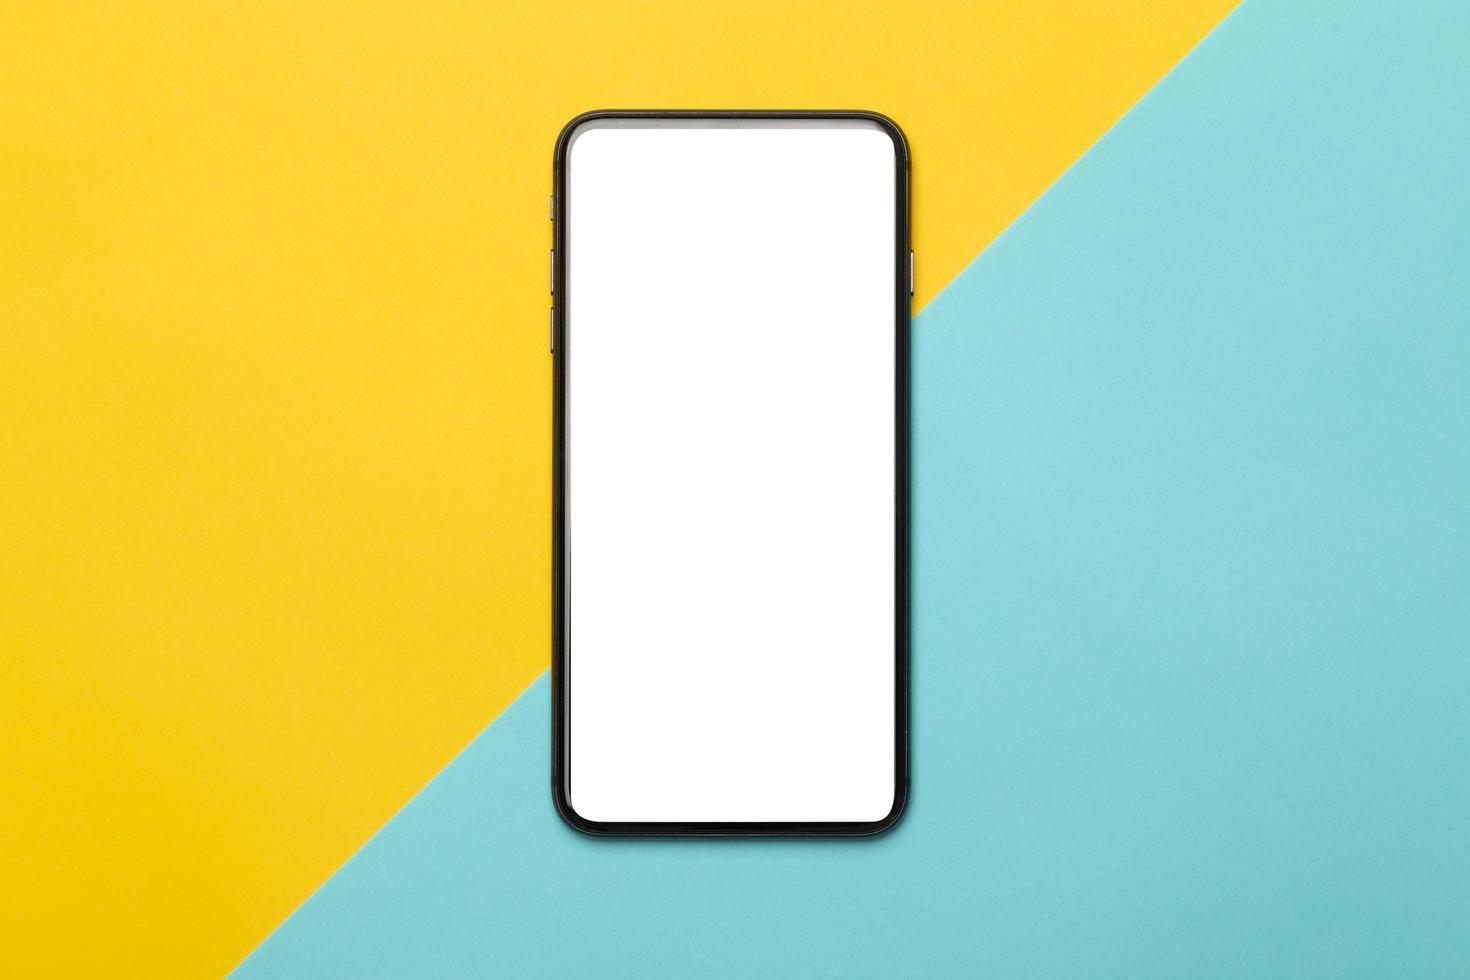 smartphone em fundo amarelo e azul foto